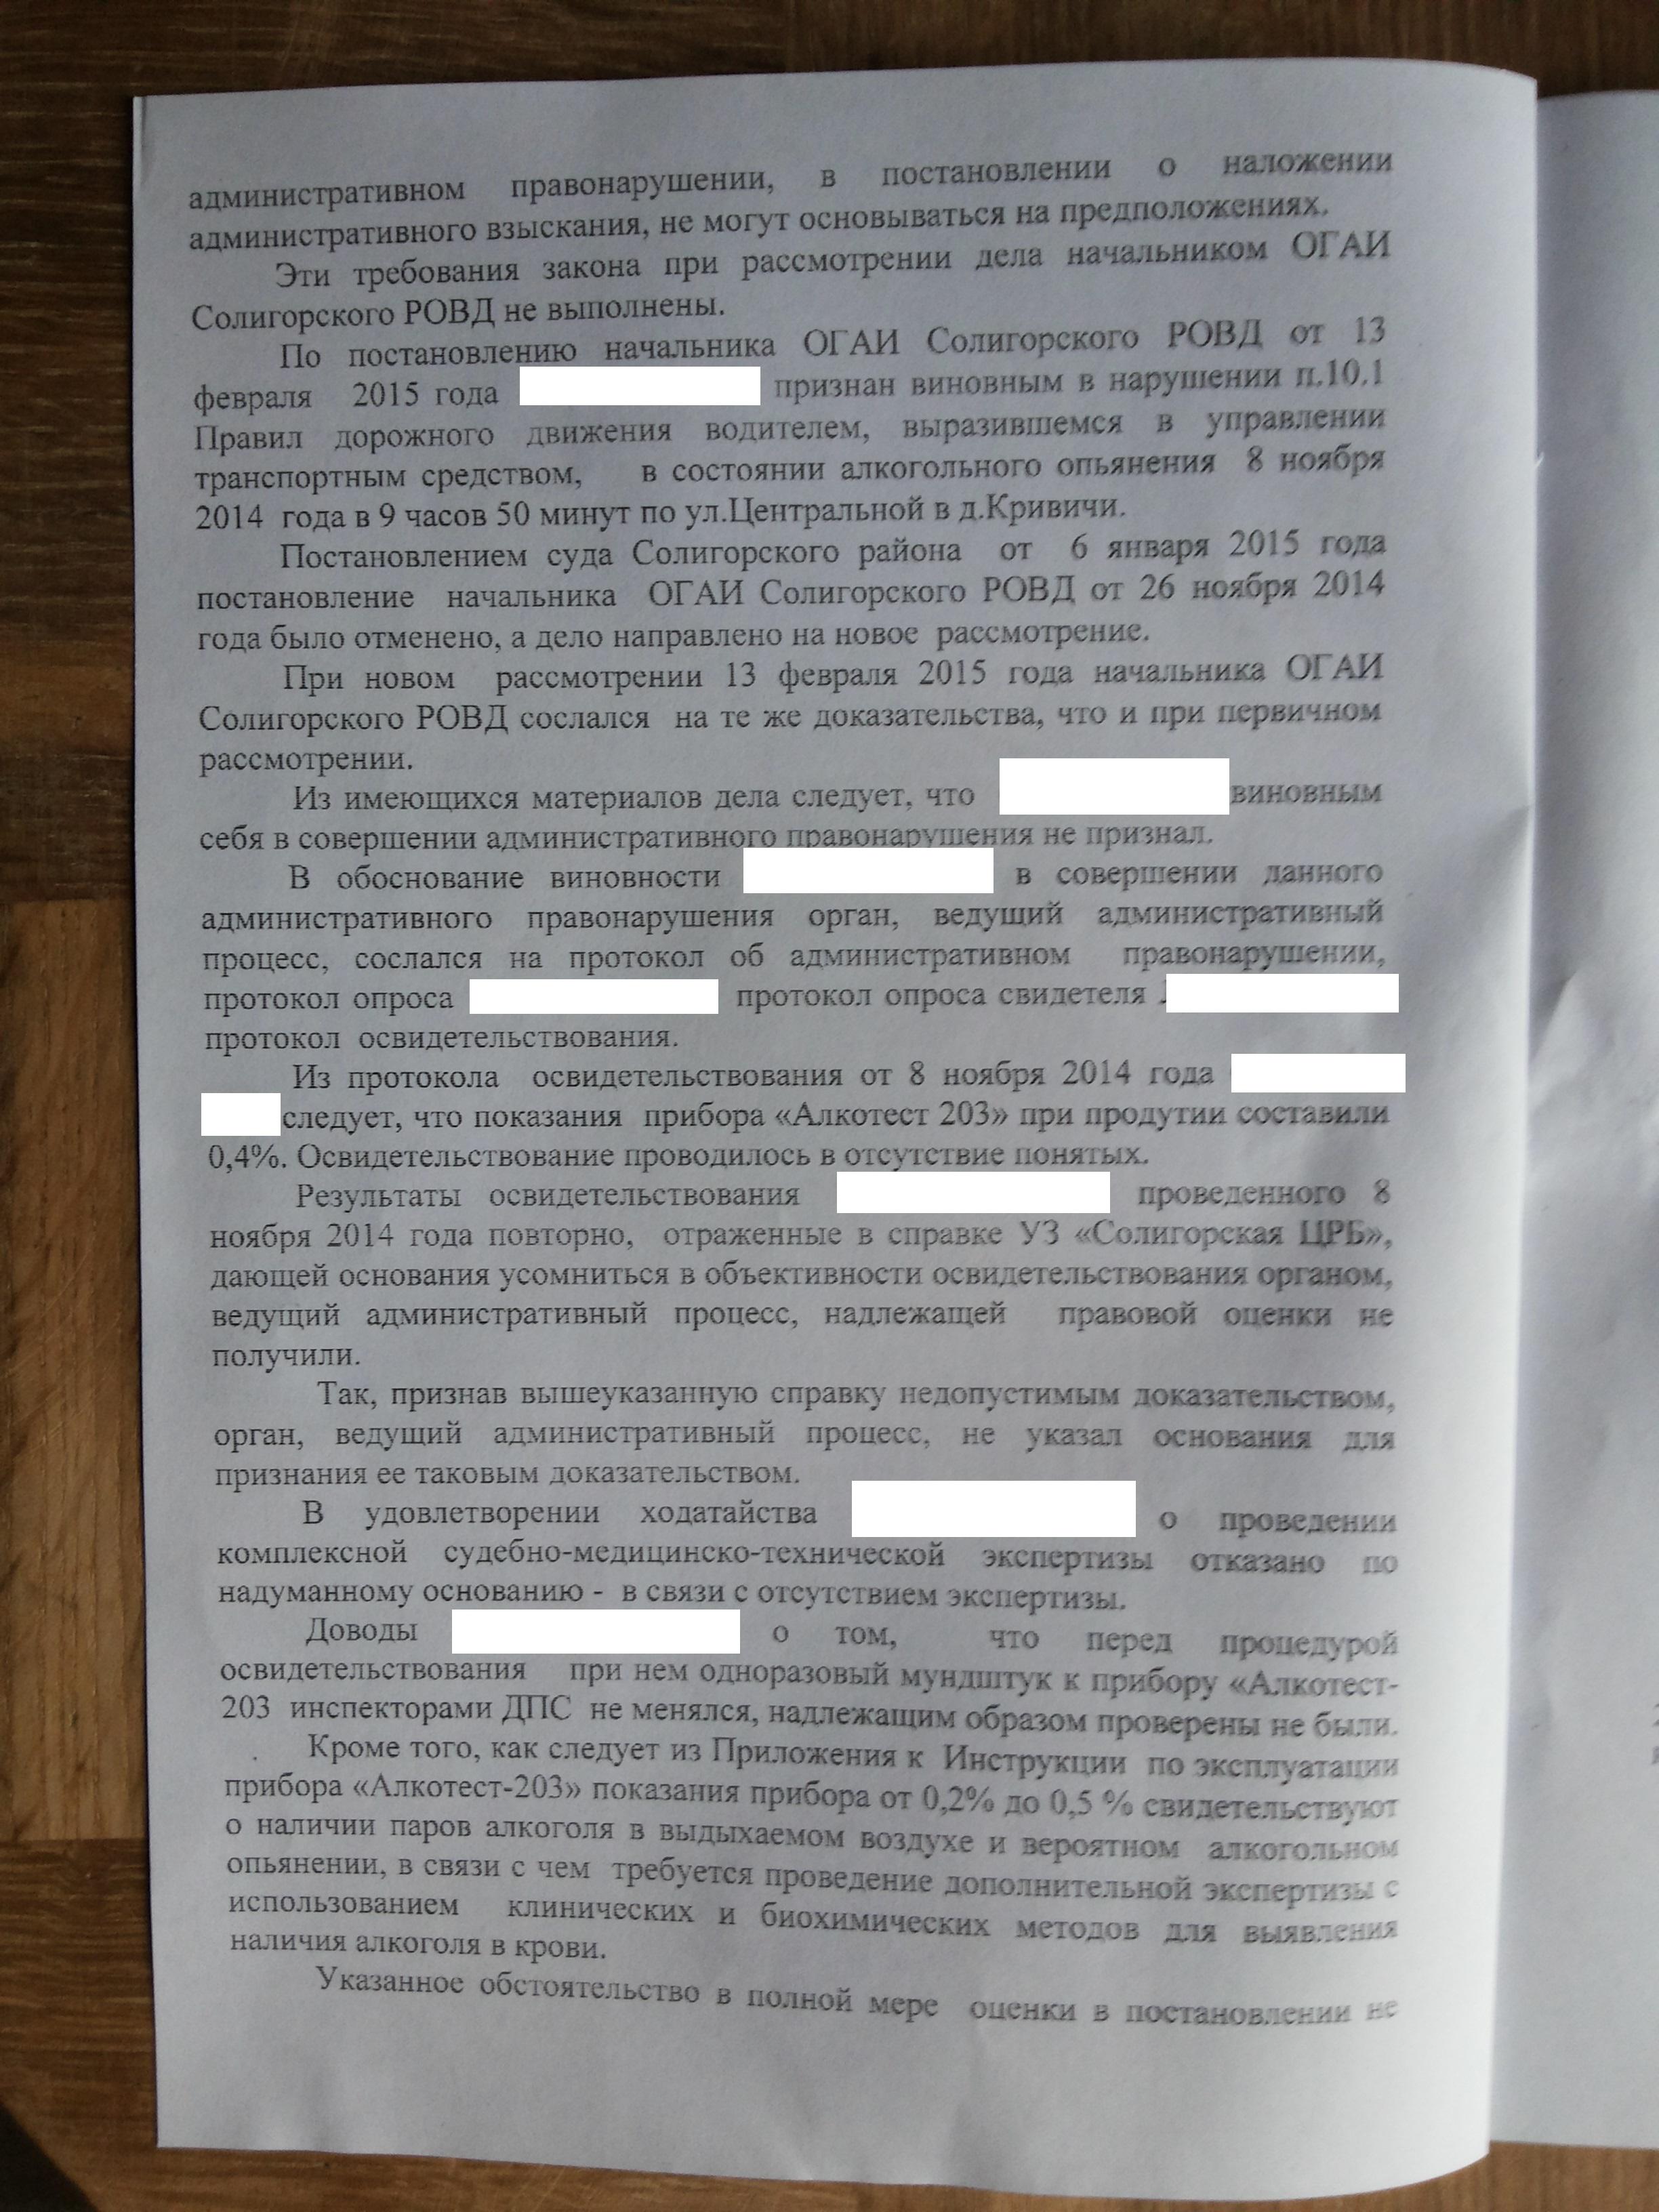 постановление суда Солигорского района по делу по управлению ТС в состоянии опьянения, нарушение процедуры освидетельствования по ст.18.15 КоАП